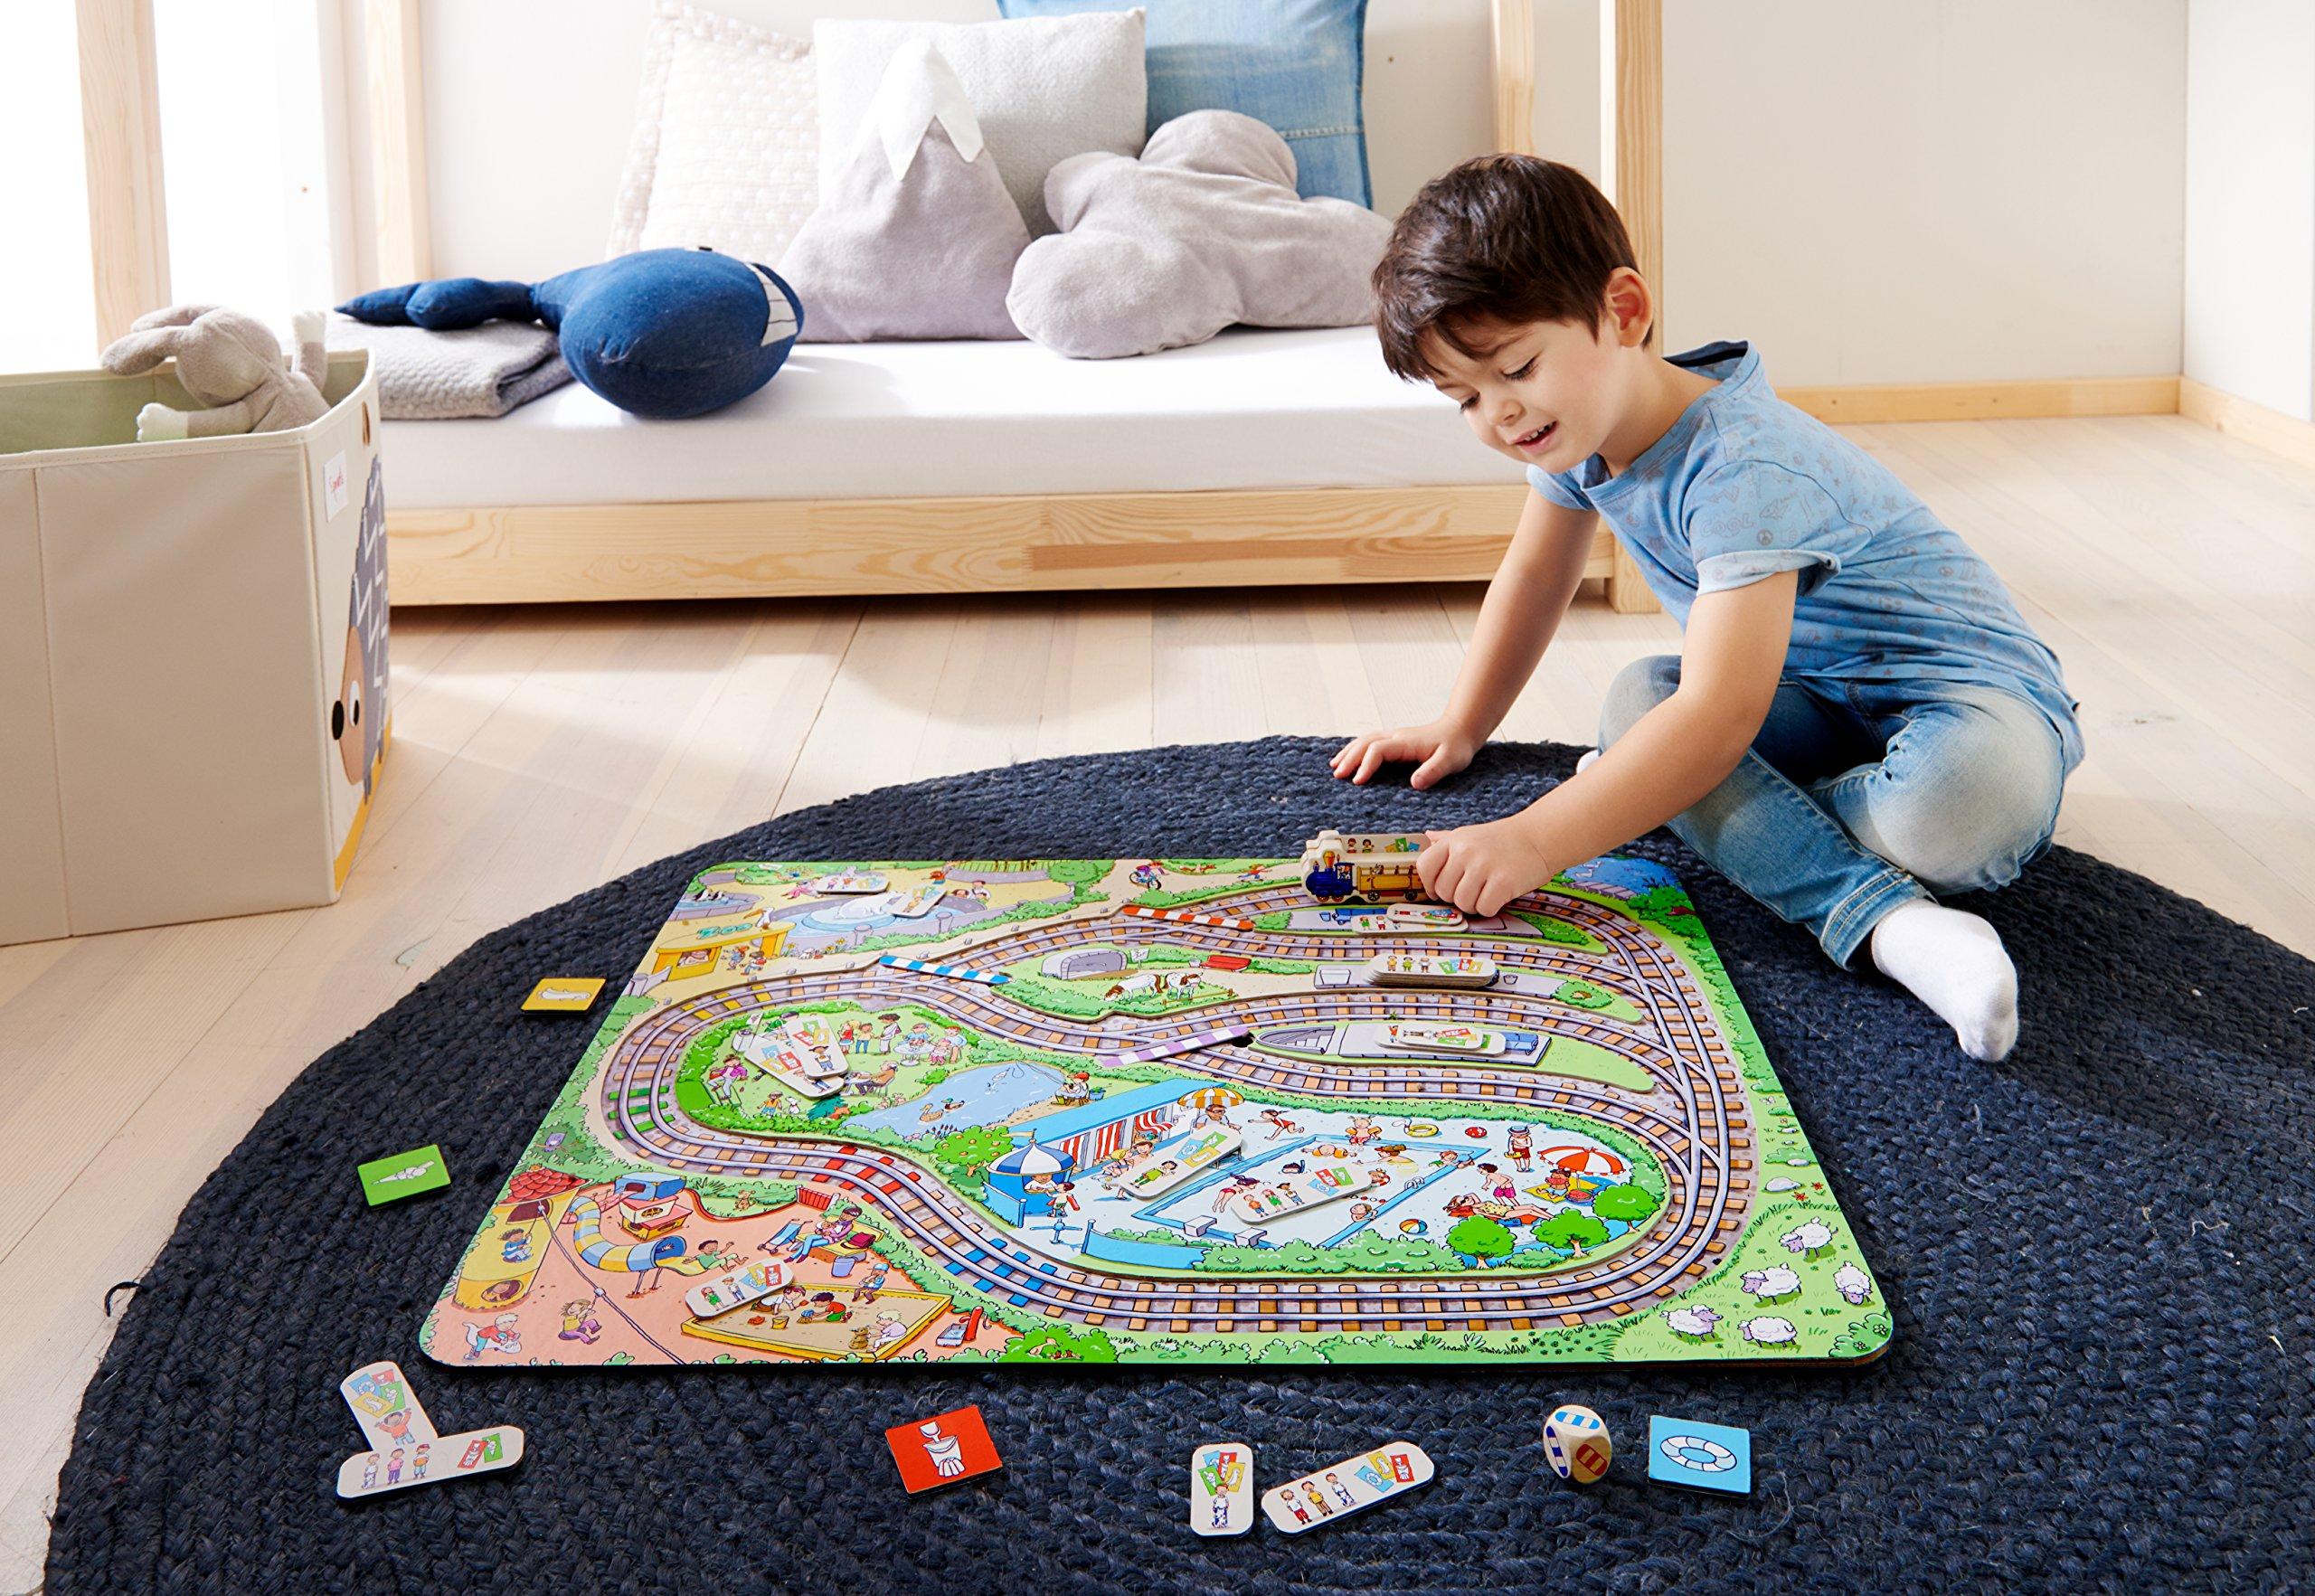 Haba-303736-Tschu-tschu-kleine-Eisenbahn-Brettspiel-mit-groem-Puzzle-Spielplan-Wrfel-Eisenbahn-24-Fahrgast-Plttchen-3-Weichen-und-4-Haltestellen-Spielzeug-ab-3-Jahren